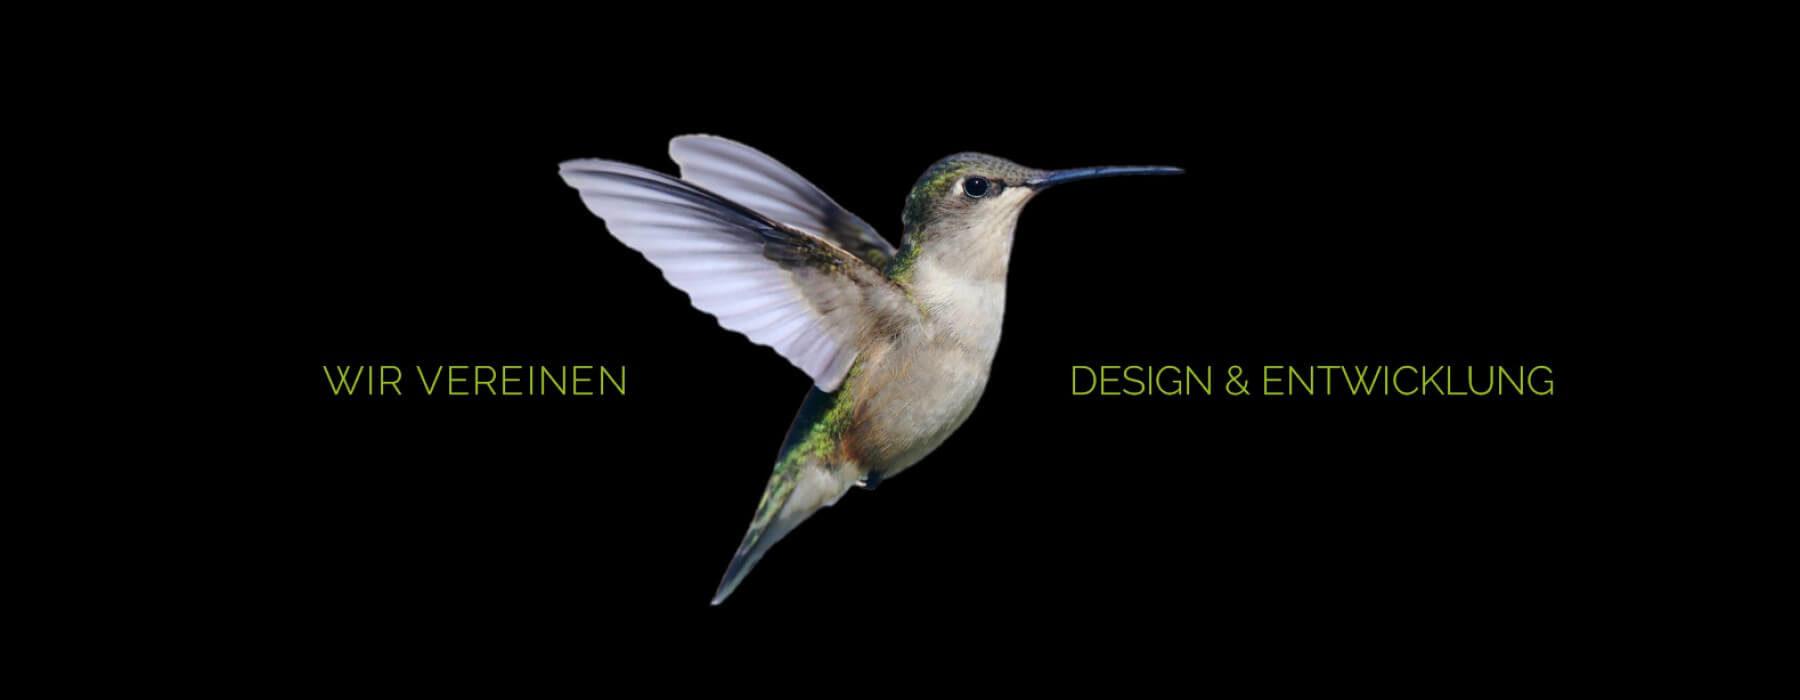 Vogel Designentwicklung